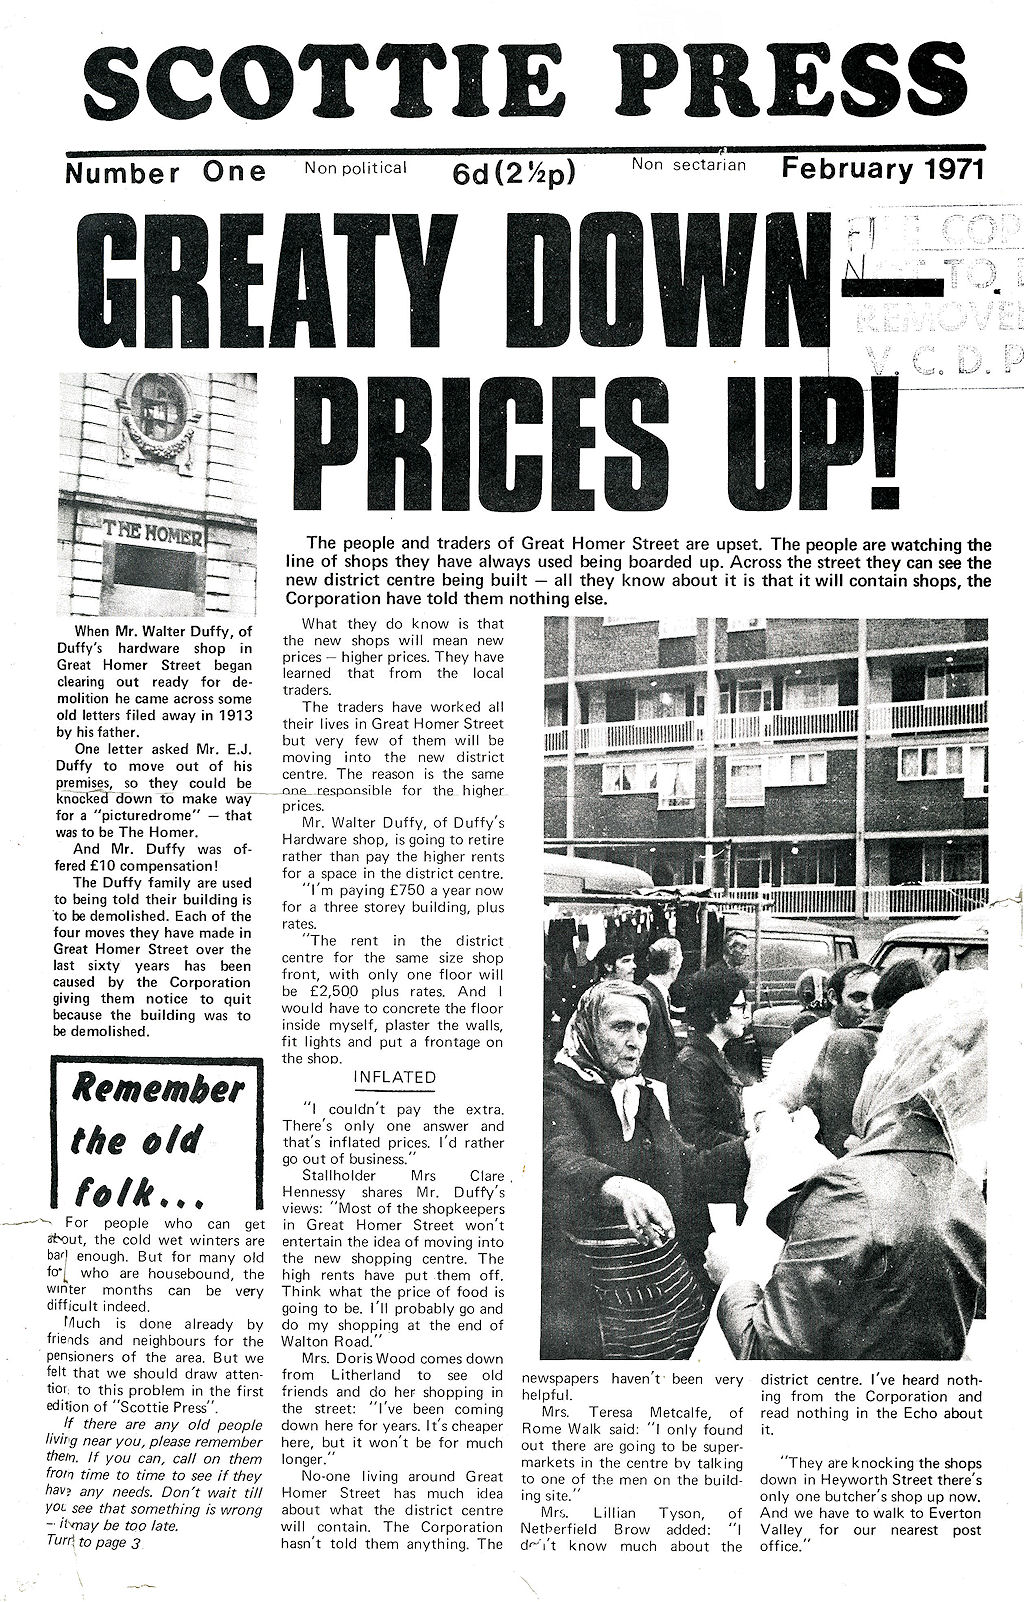 February 1971